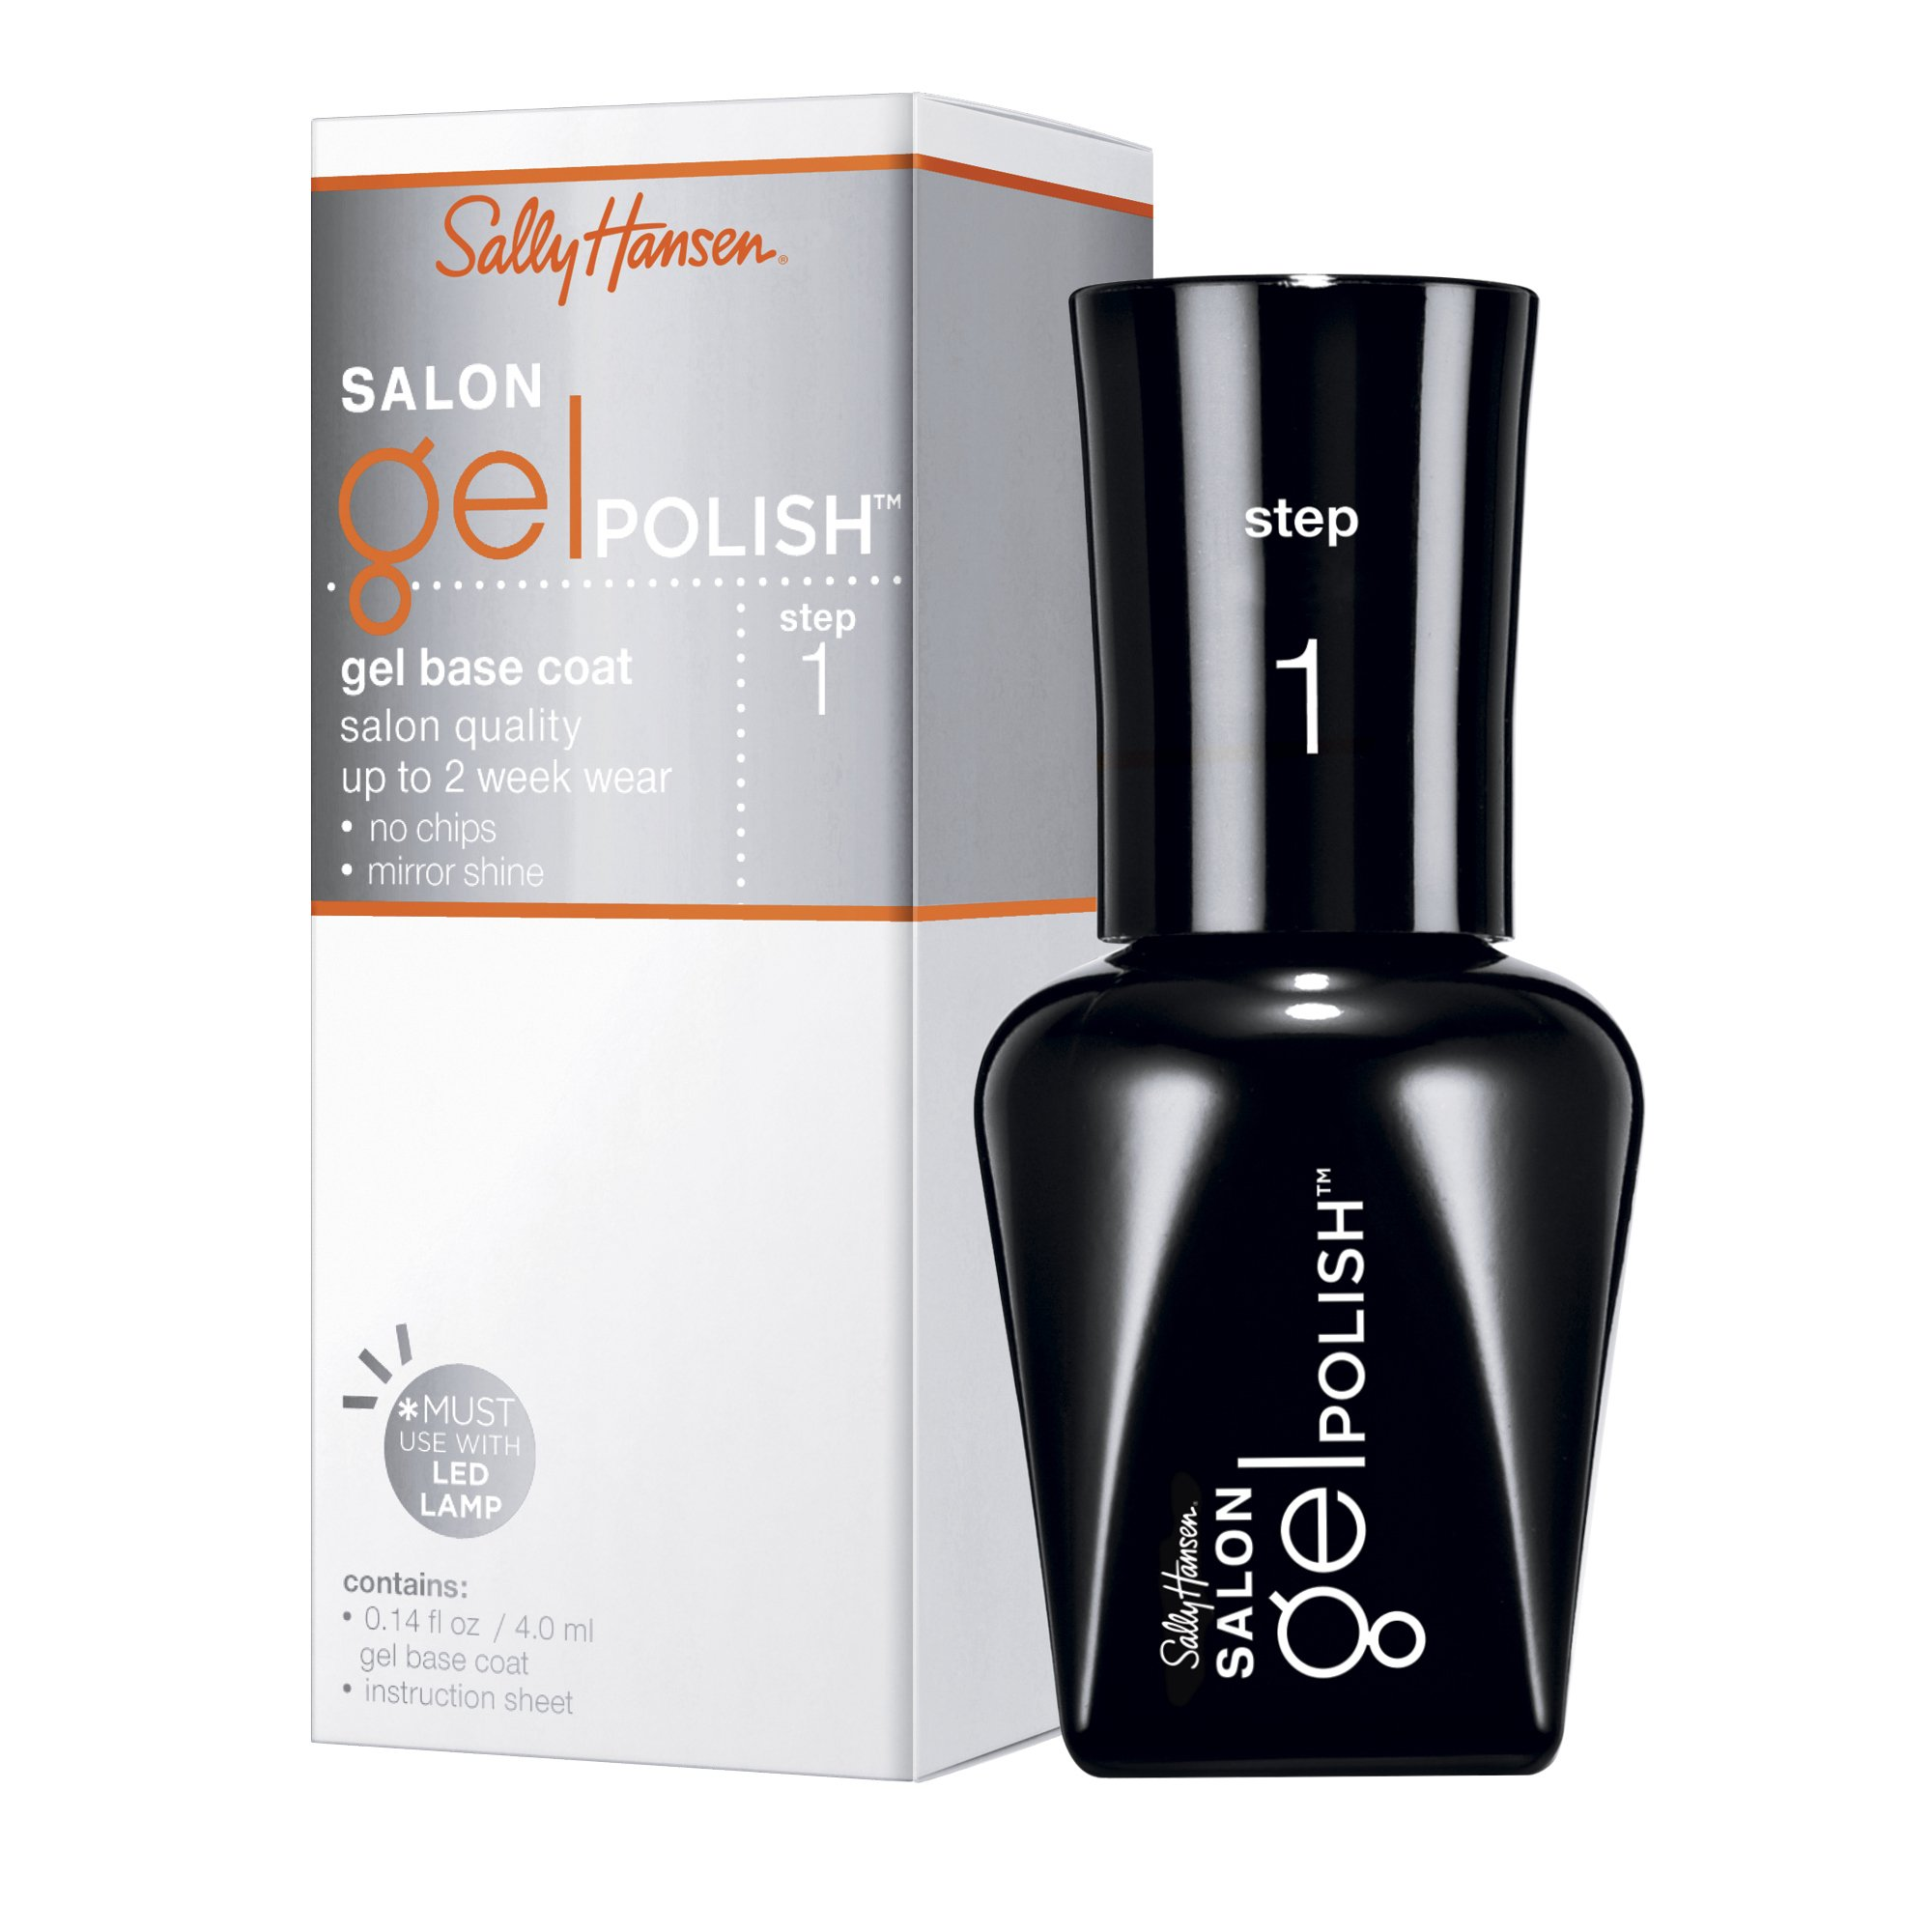 Sally Hansen Salon Pro Gel, Pro-Gel Base Coat, 0.14 Fluid Ounce